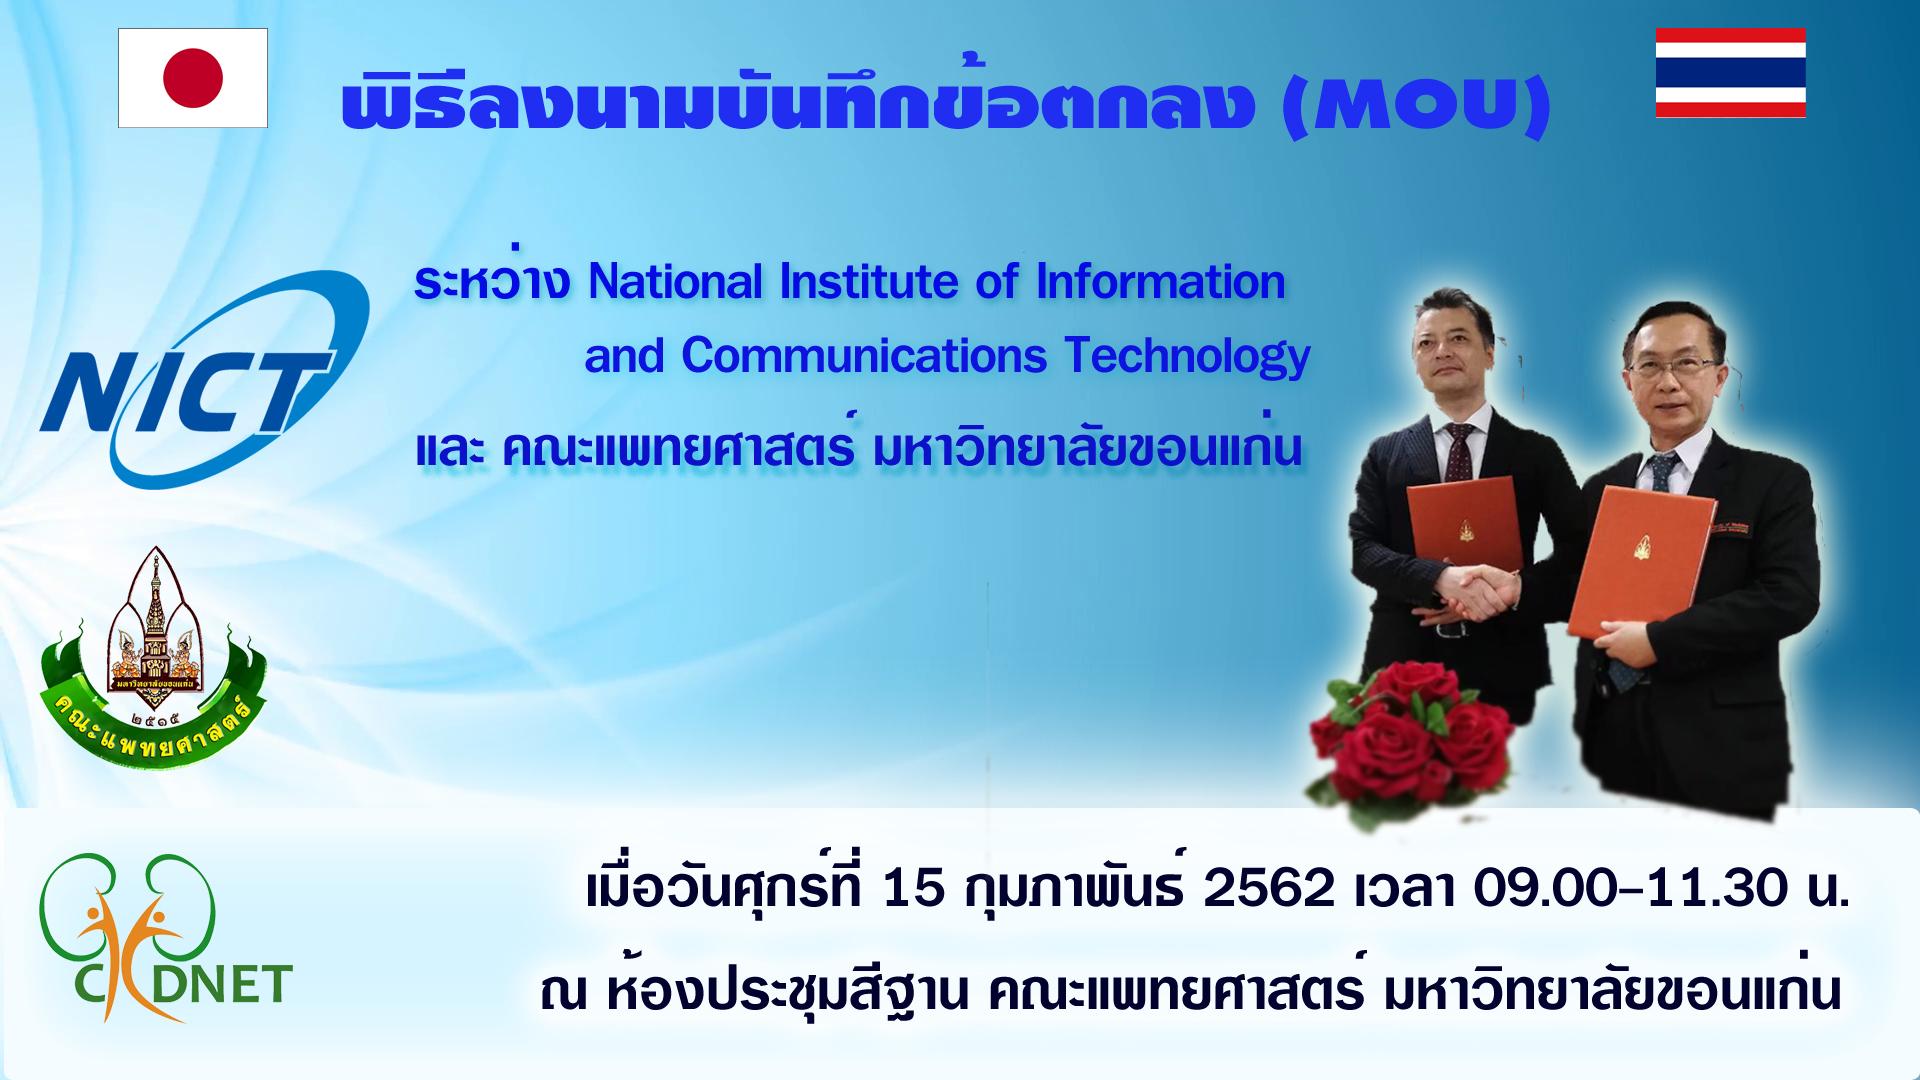 พิธีลงนามบันทึกข้อตกลง (MOU) ระหว่าง Nationnal Institute of Information and Communications Technology(NICT), Japan และ คณะแพทยศาสตร์ มหาวิทยาลัยขอนแก่น